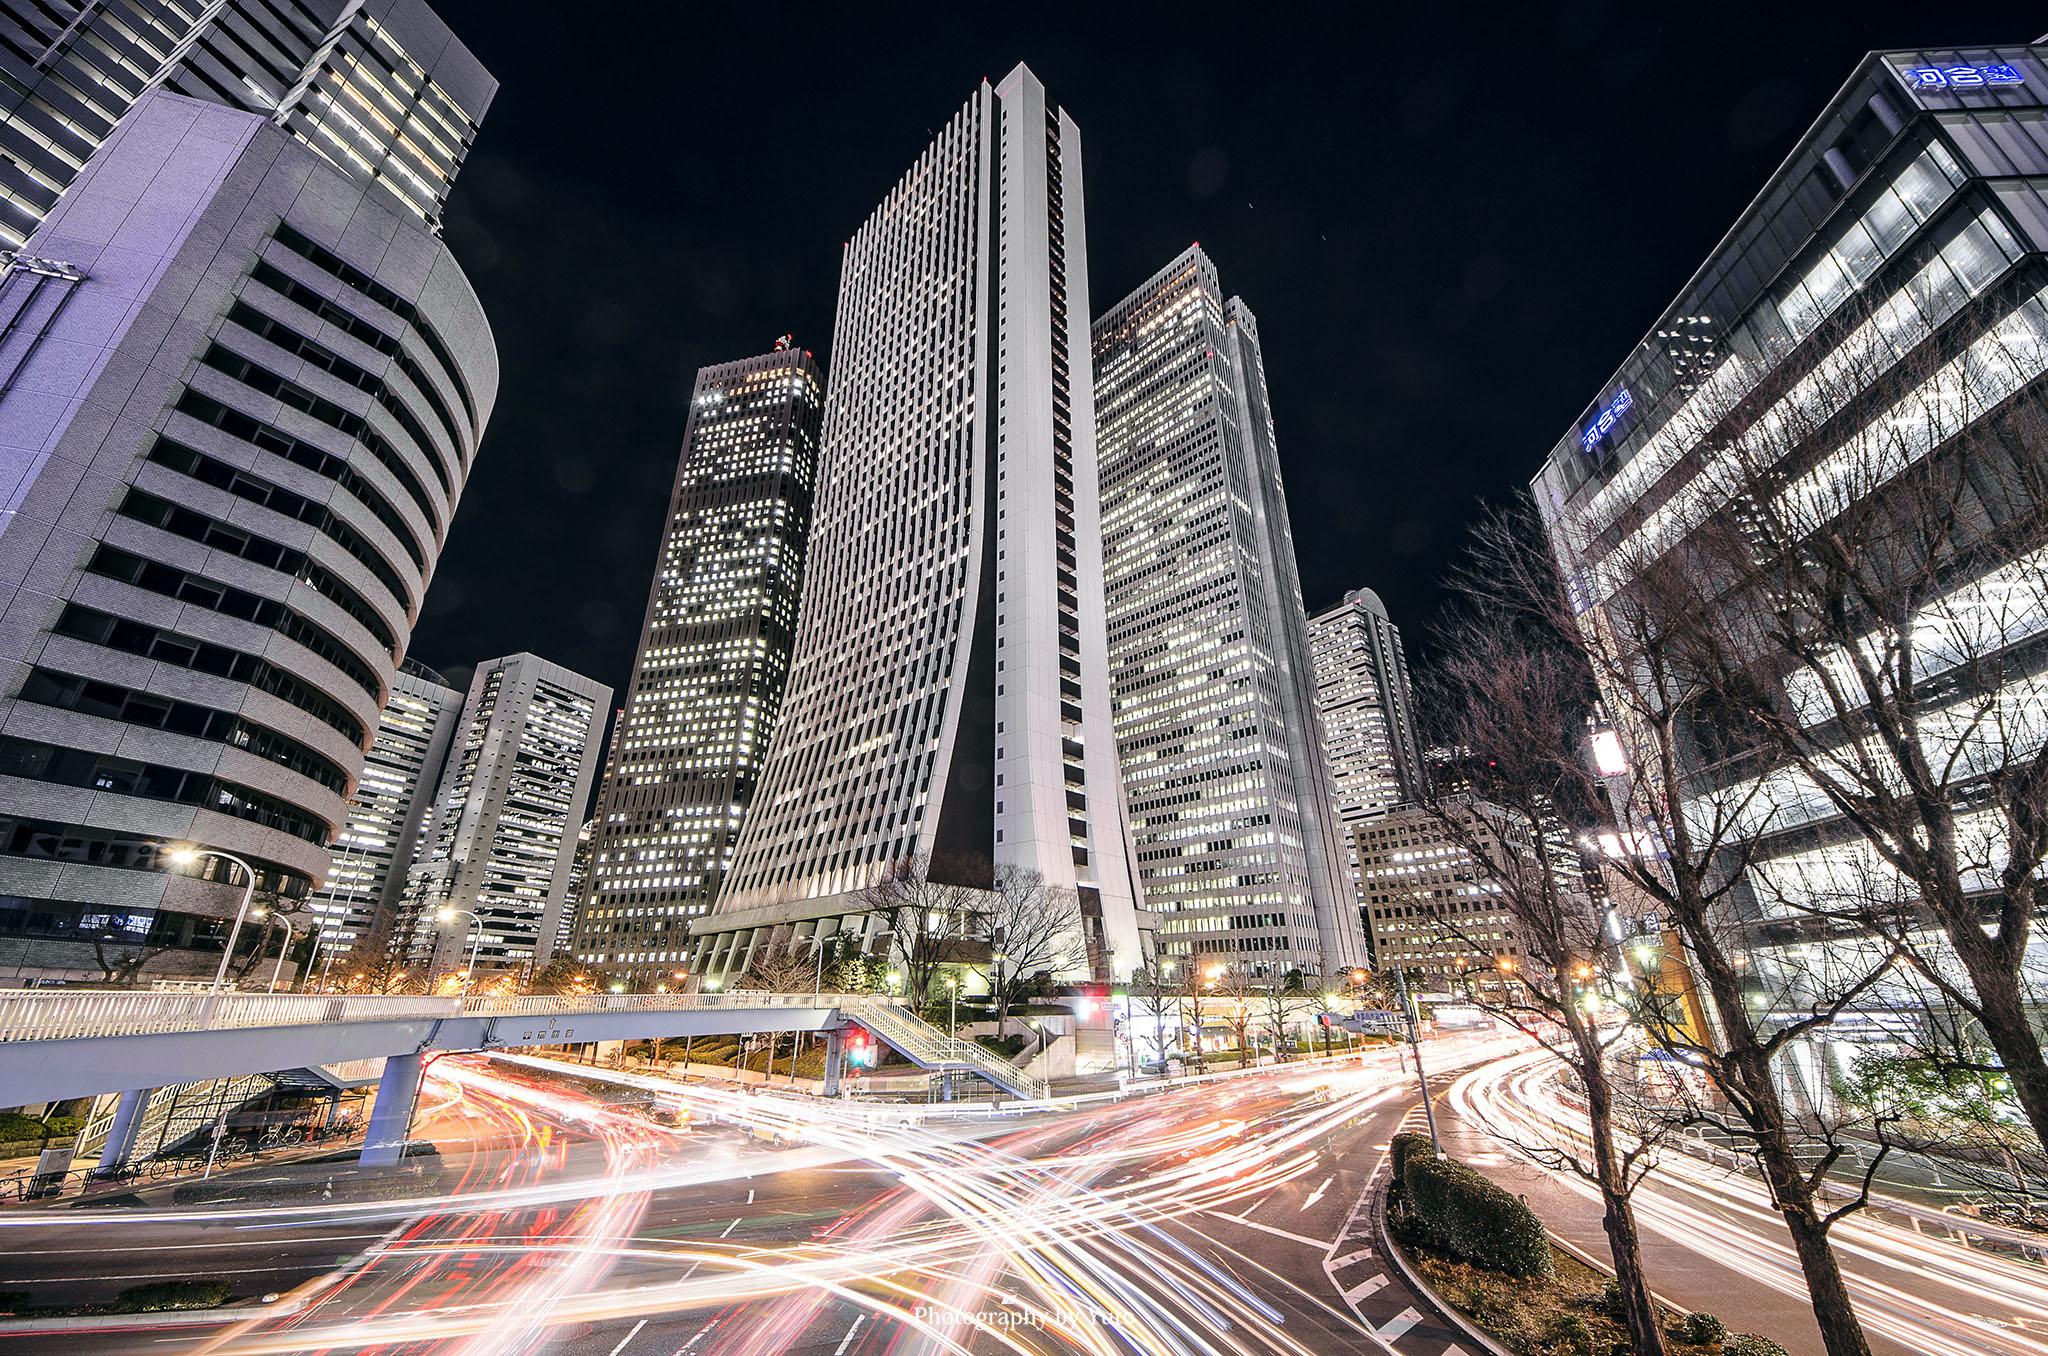 新宿の撮影スポット カメラ女子にもオススメな街撮りスポット